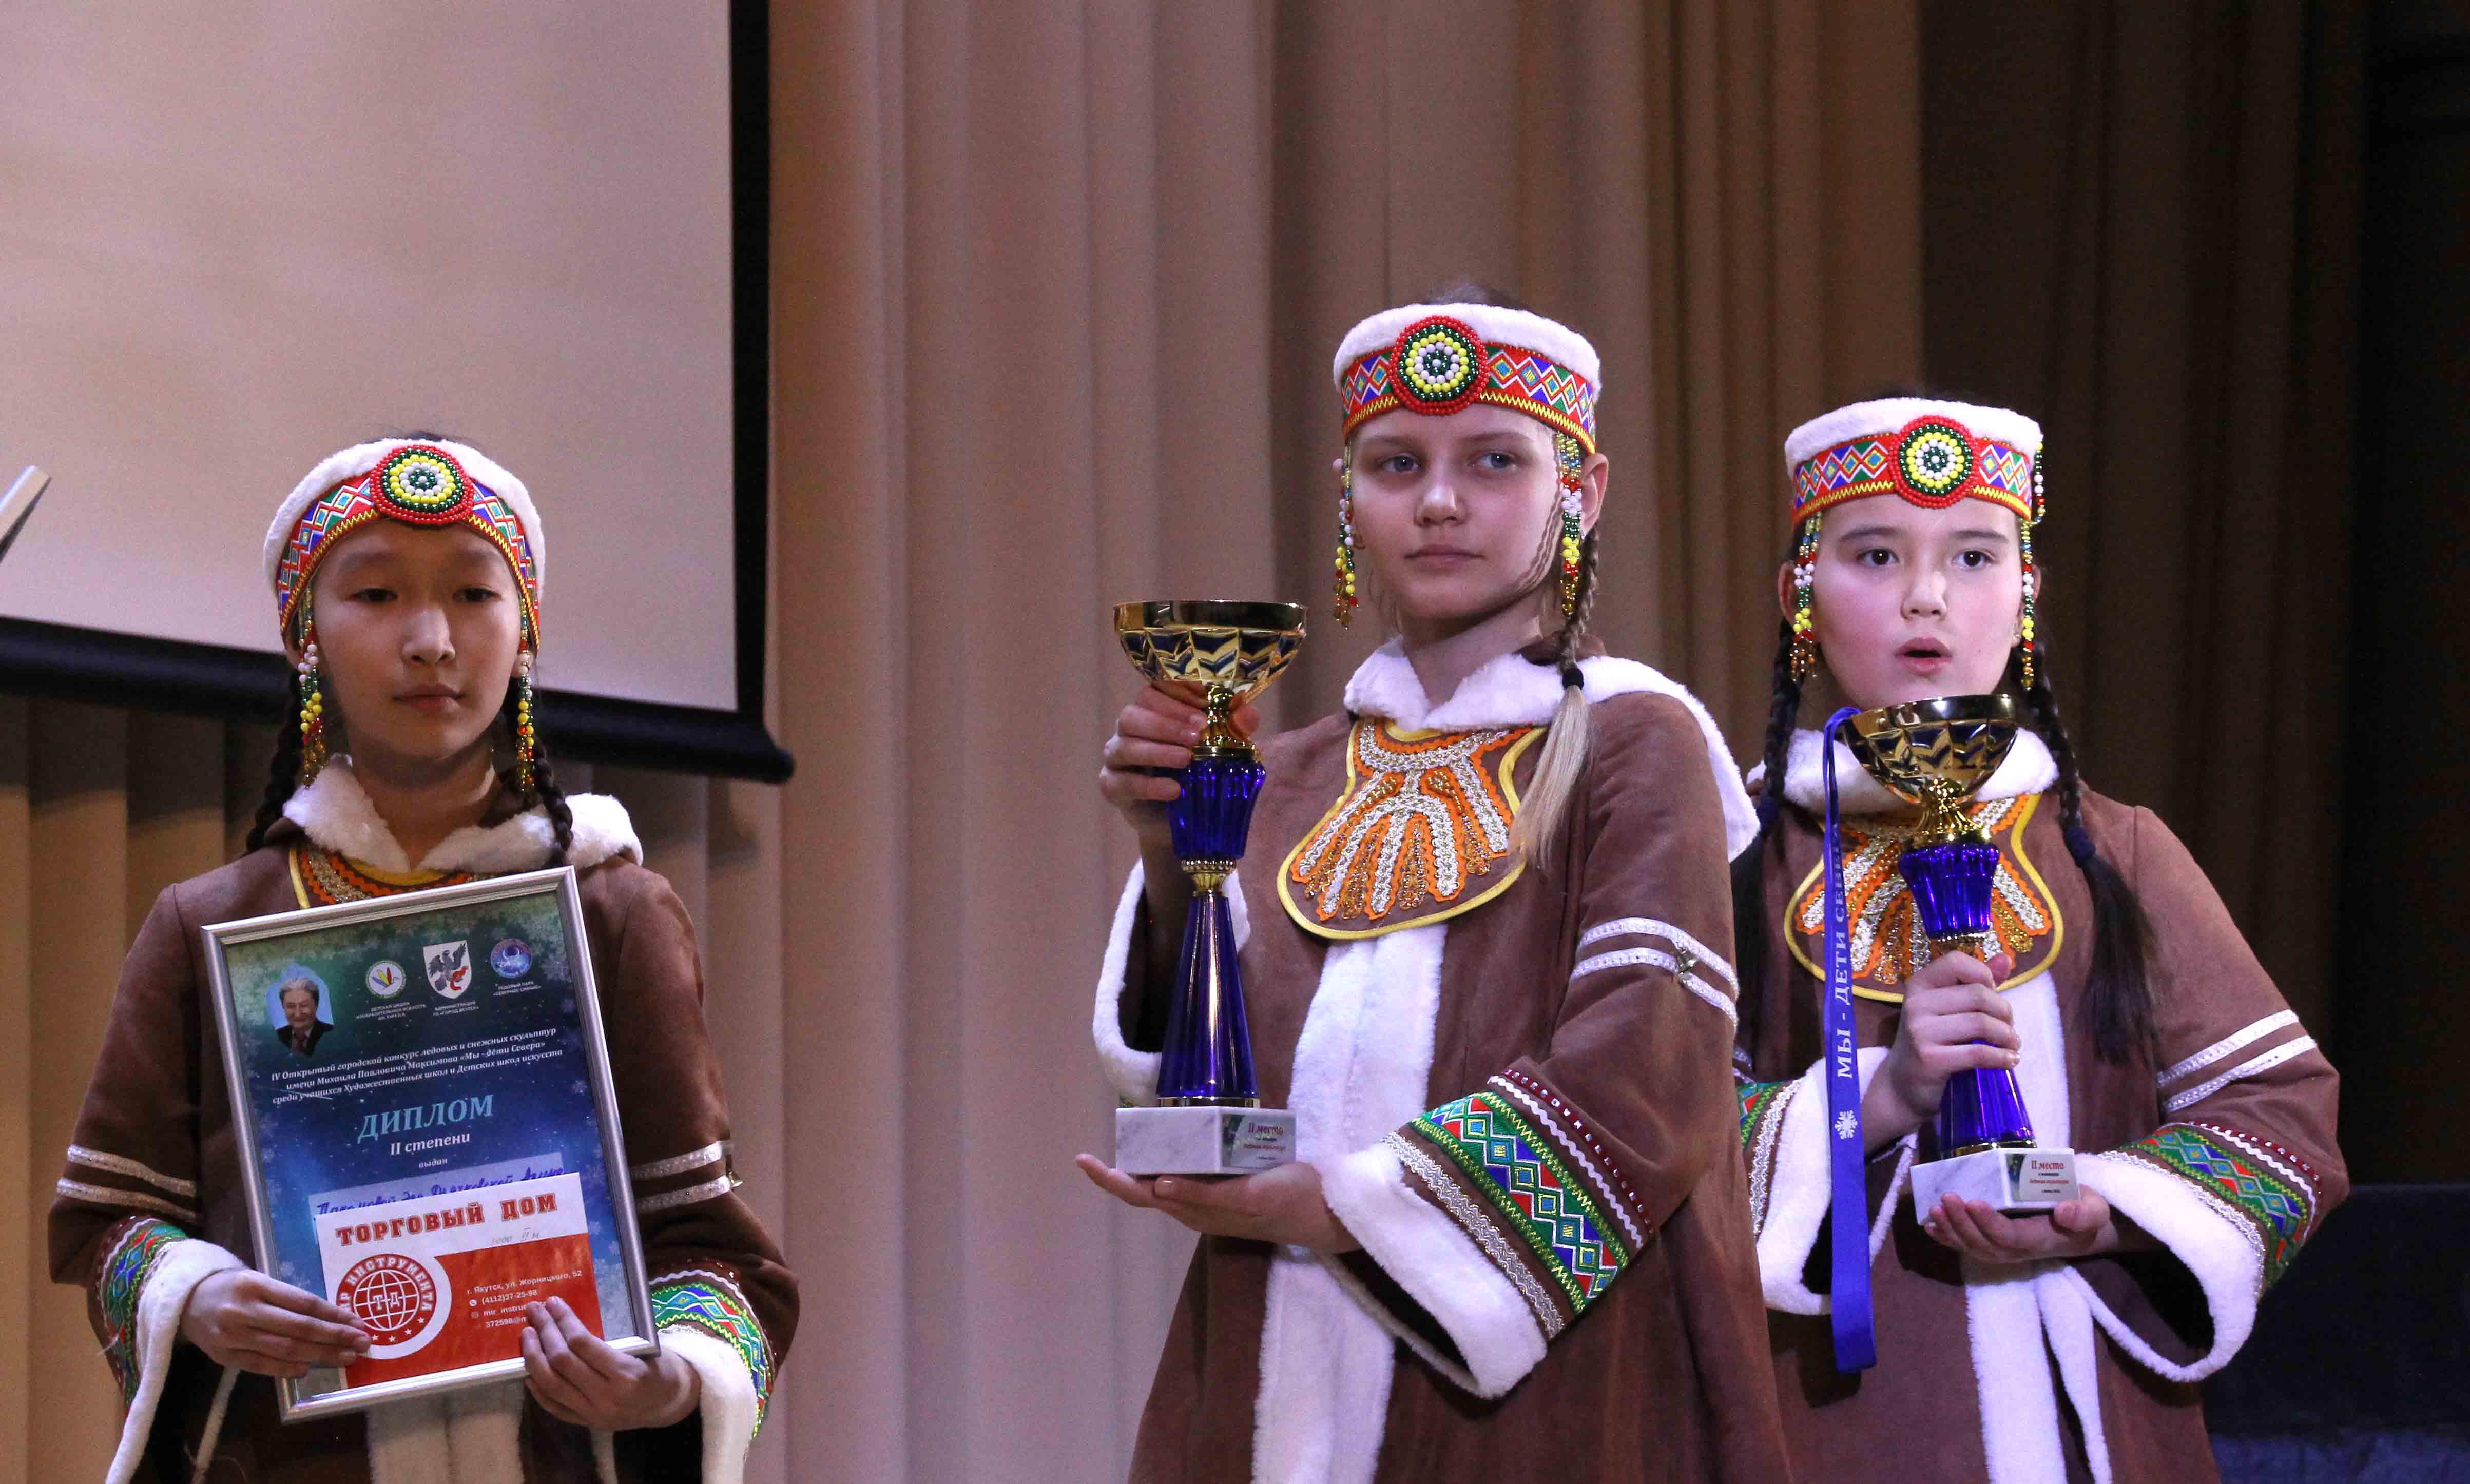 Объявлены победители IV открытого городского конкурса ледовых и снежных скульптур имени М.П. Максимова «Мы – дети Севера»